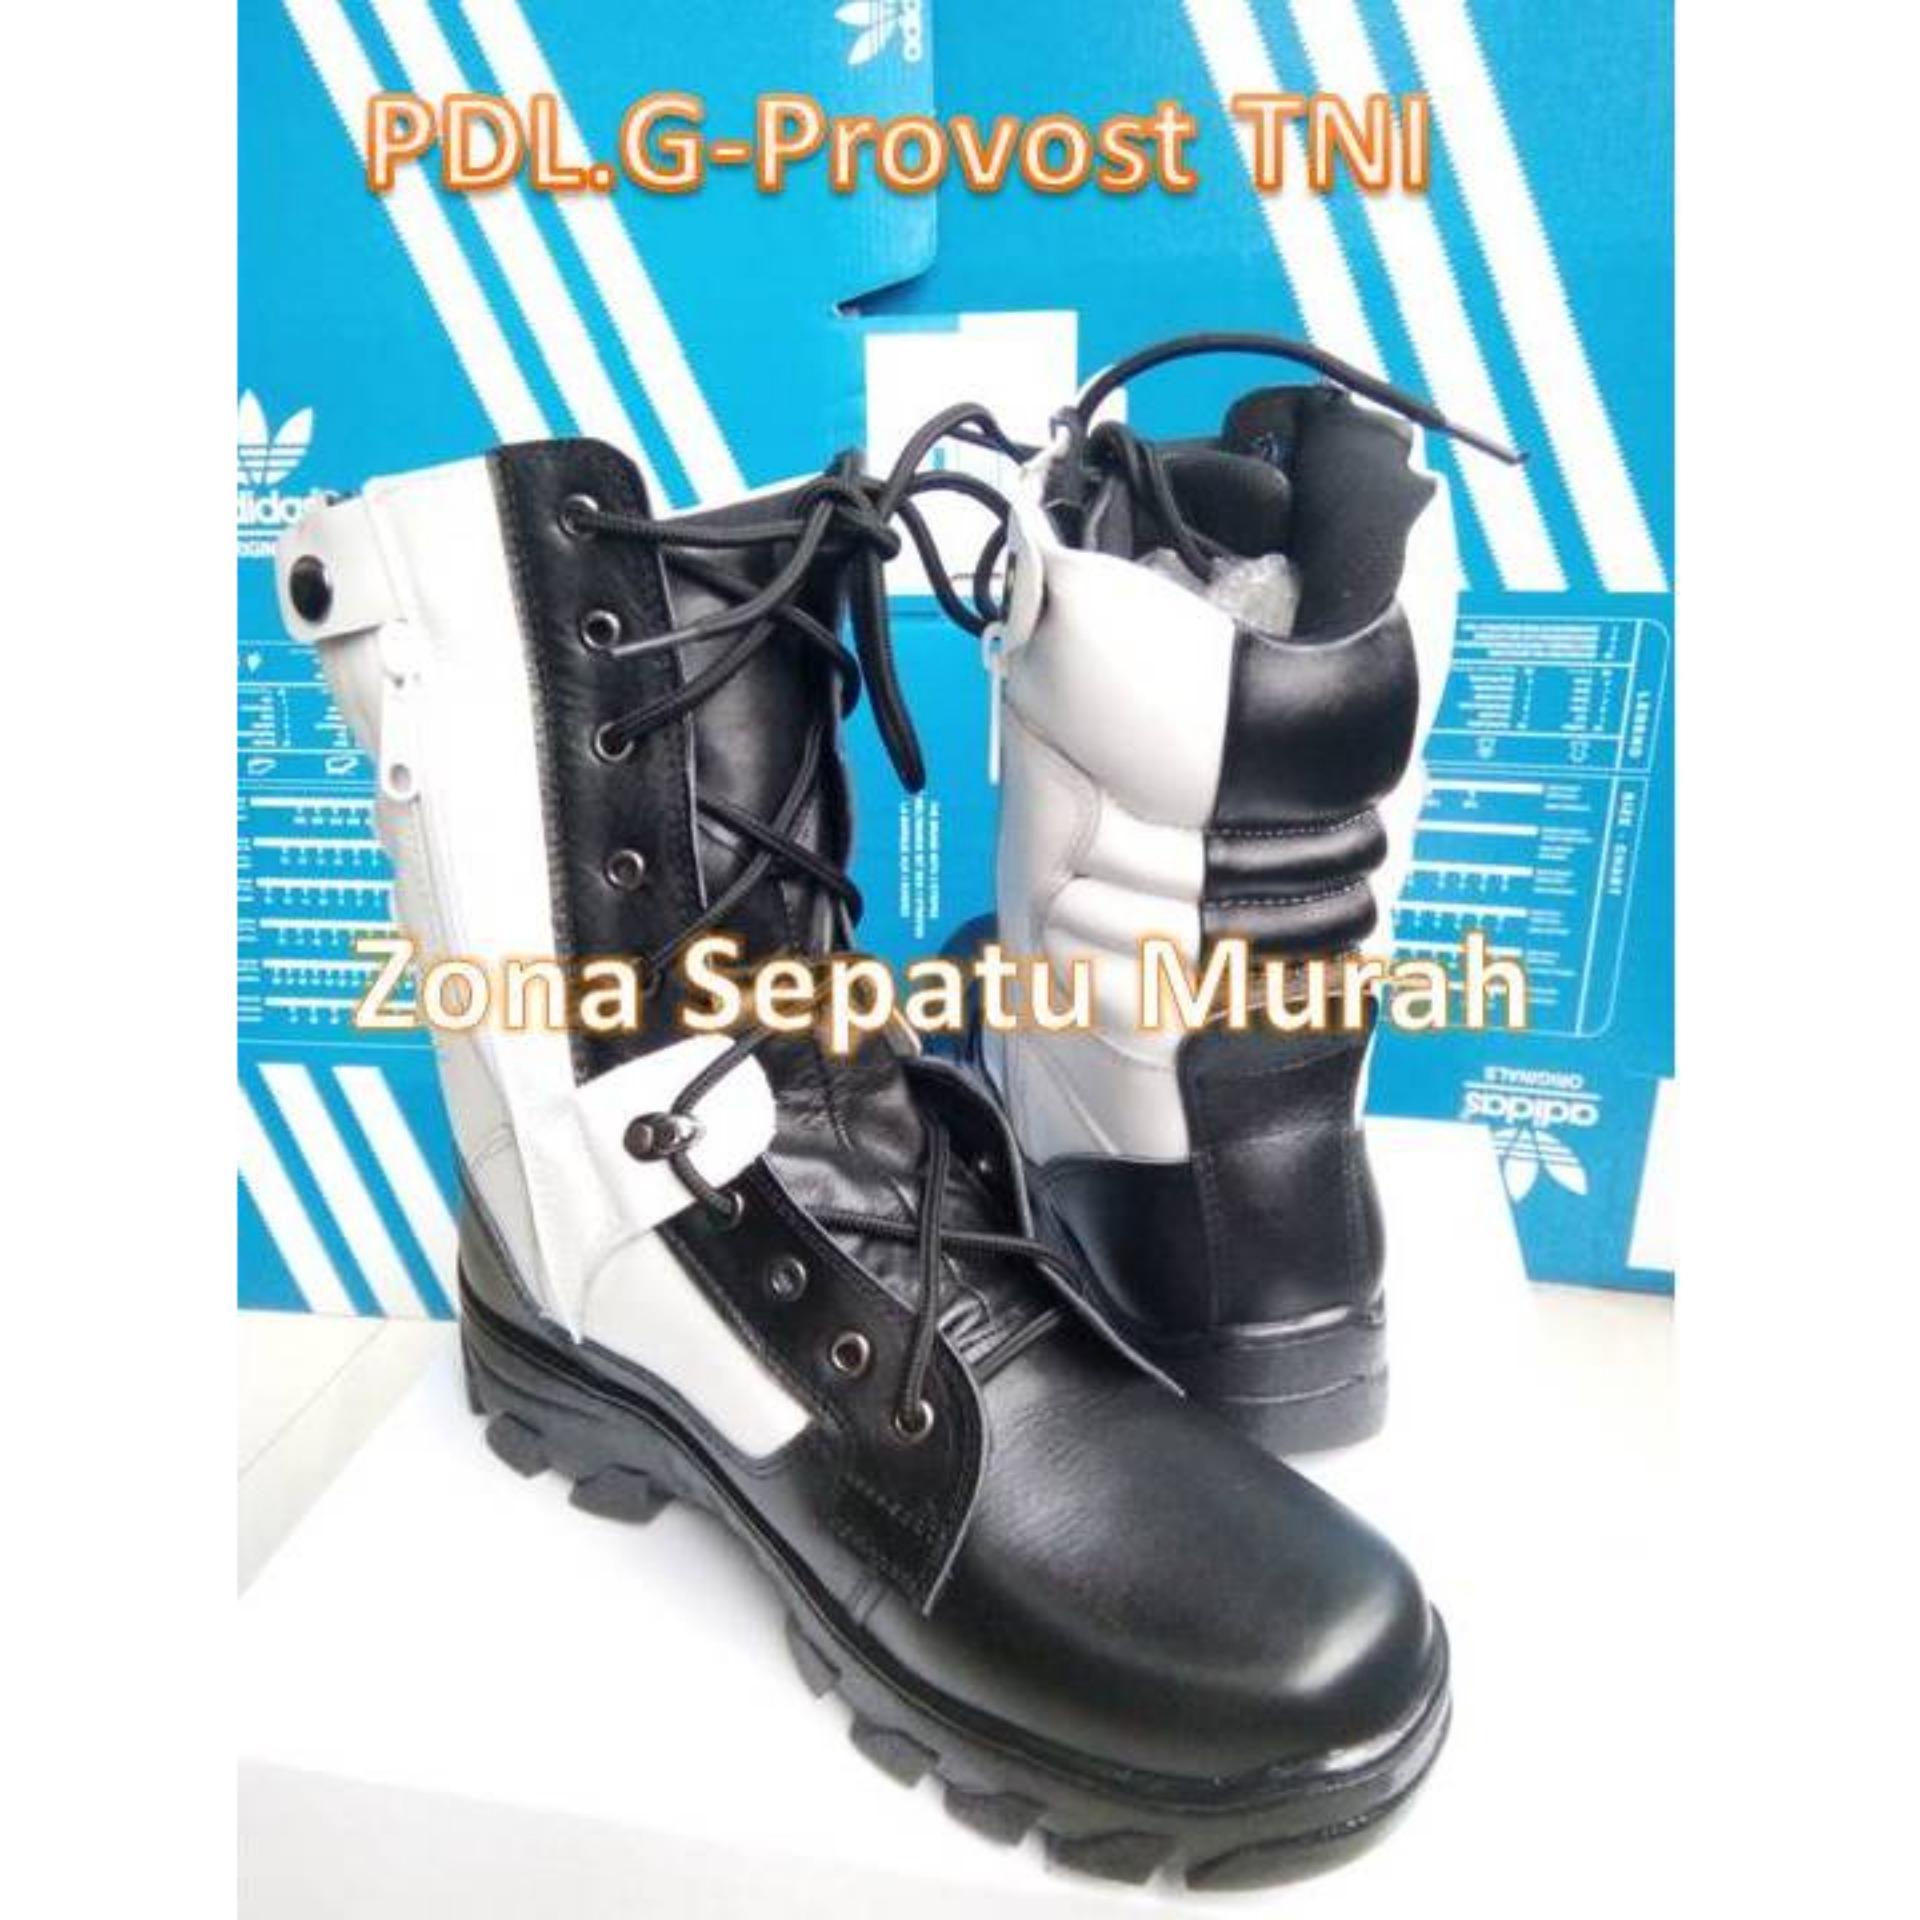 Belanja Terbaik Sepatu Pdl Provost Tni Polisi Militer Standar Polri Security Ter Model Terbaru Harga Promo